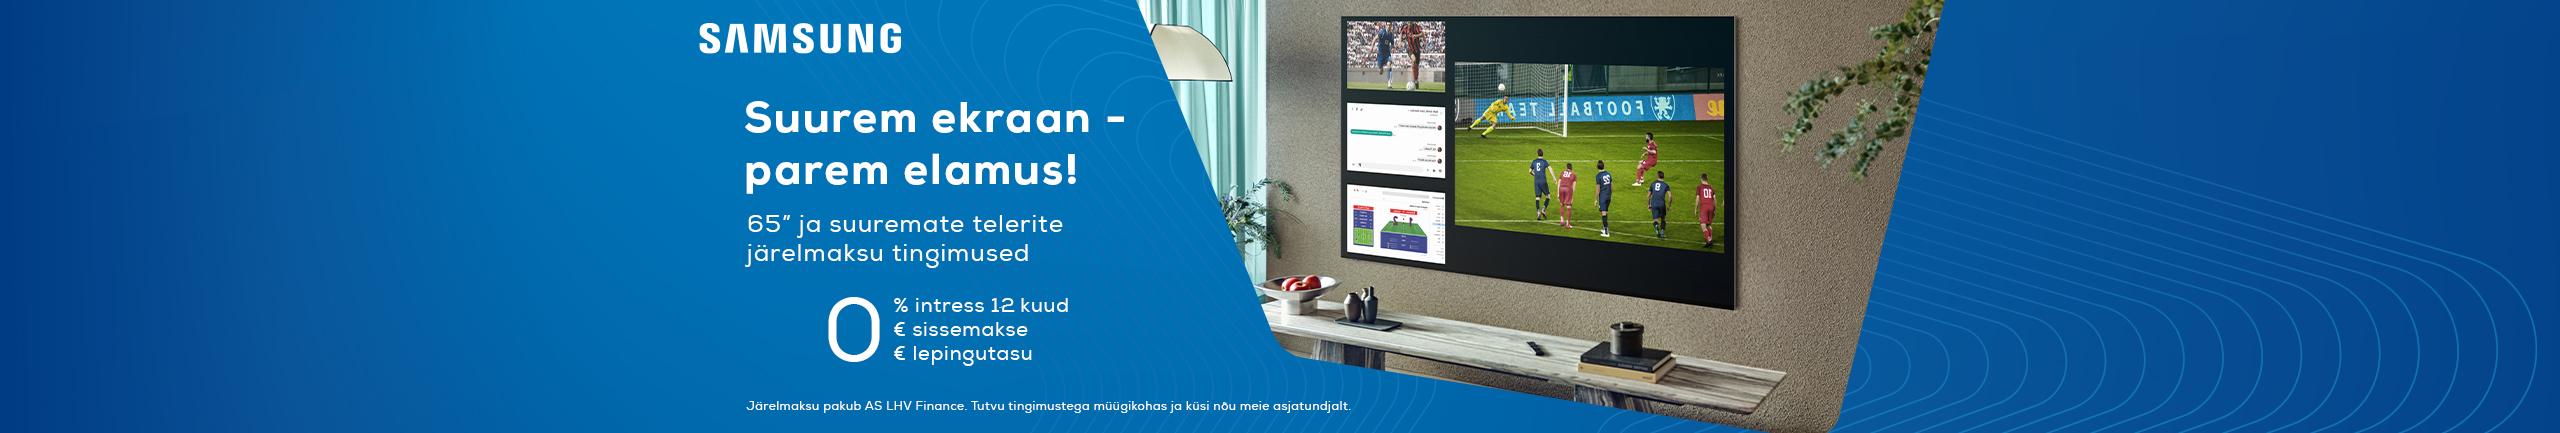 Suure ekraaniga Samsung telerite järelmaksu intress 12 kuud 0%, lepingutasu 0€, sissemakse 0€.